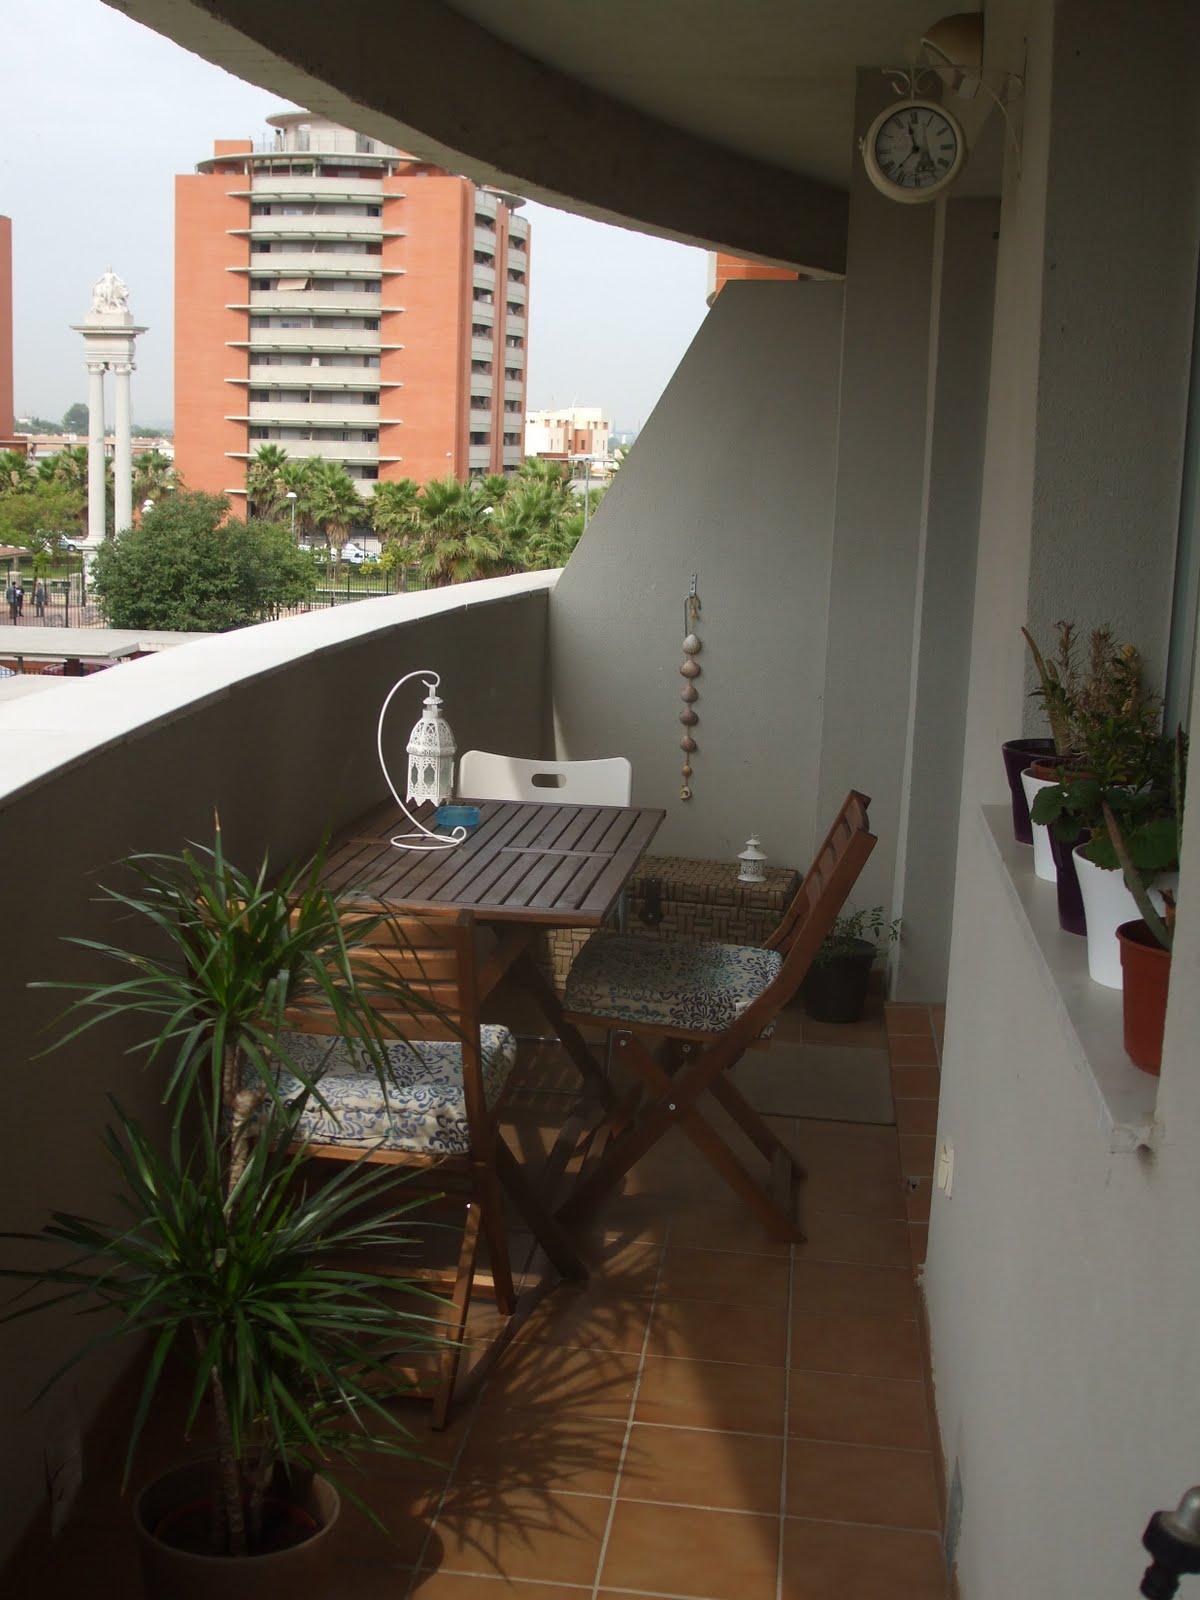 La terraza de blanca concurso terrazas patios y balcones for Patios y terrazas